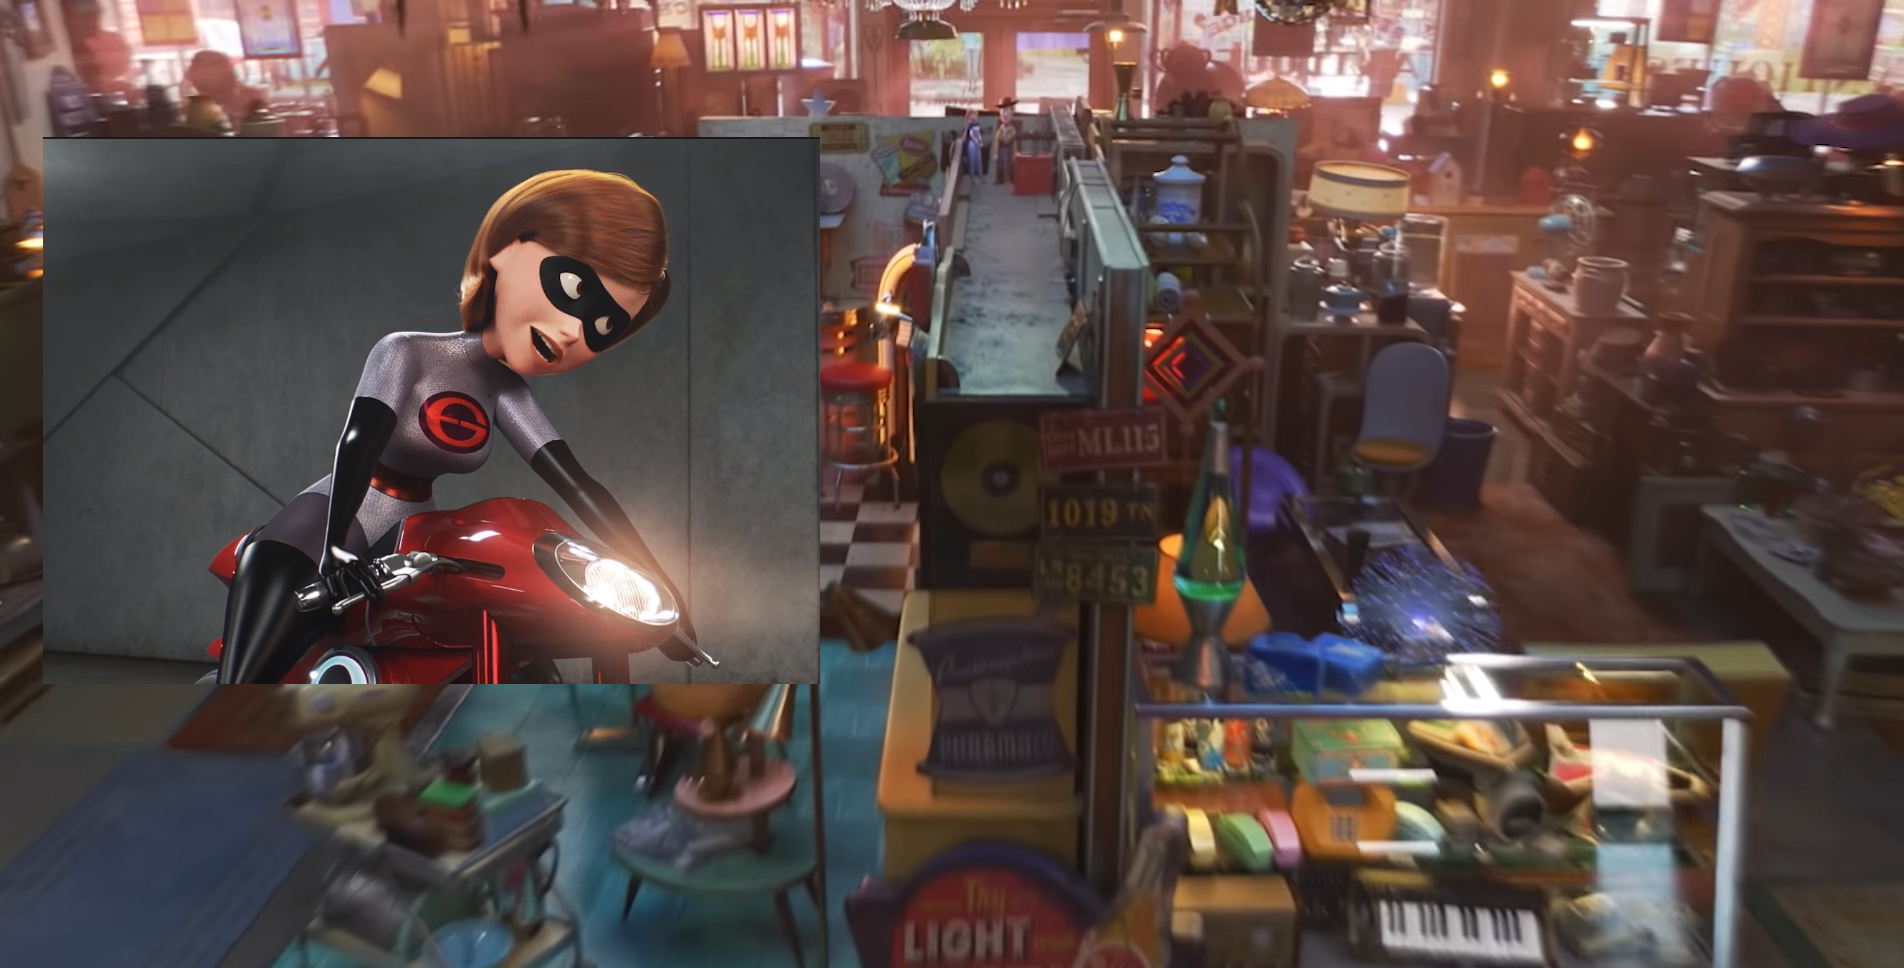 40 bí mật thú vị được giấu kĩ trong Toy Story 4 chỉ ai tinh mắt lắm mới thấy - Ảnh 33.